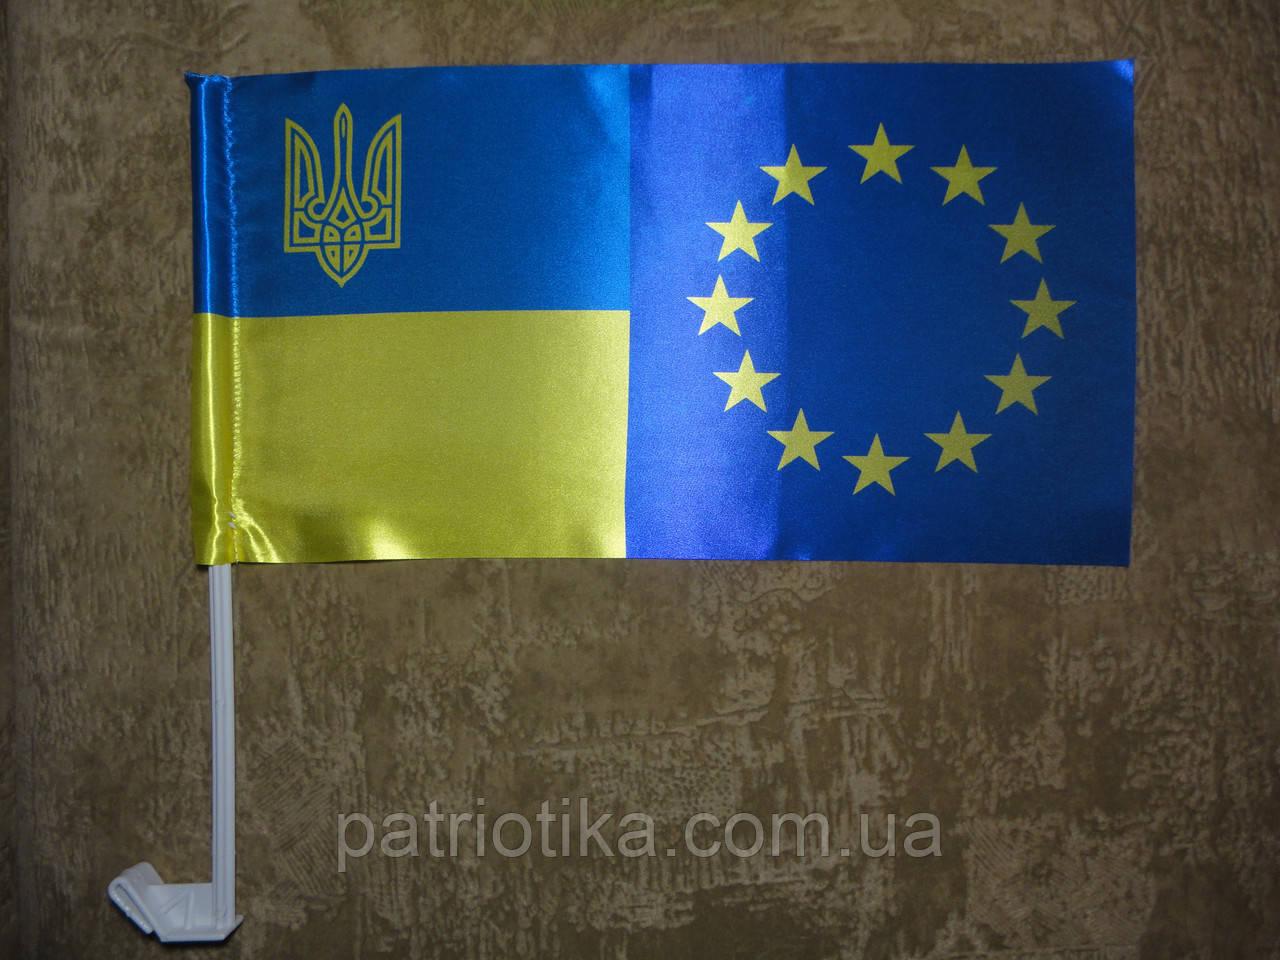 Флаг Украина-Евросоюз атлас 37х24см | Прапор Україна-Євросоюз атлас  37х24см